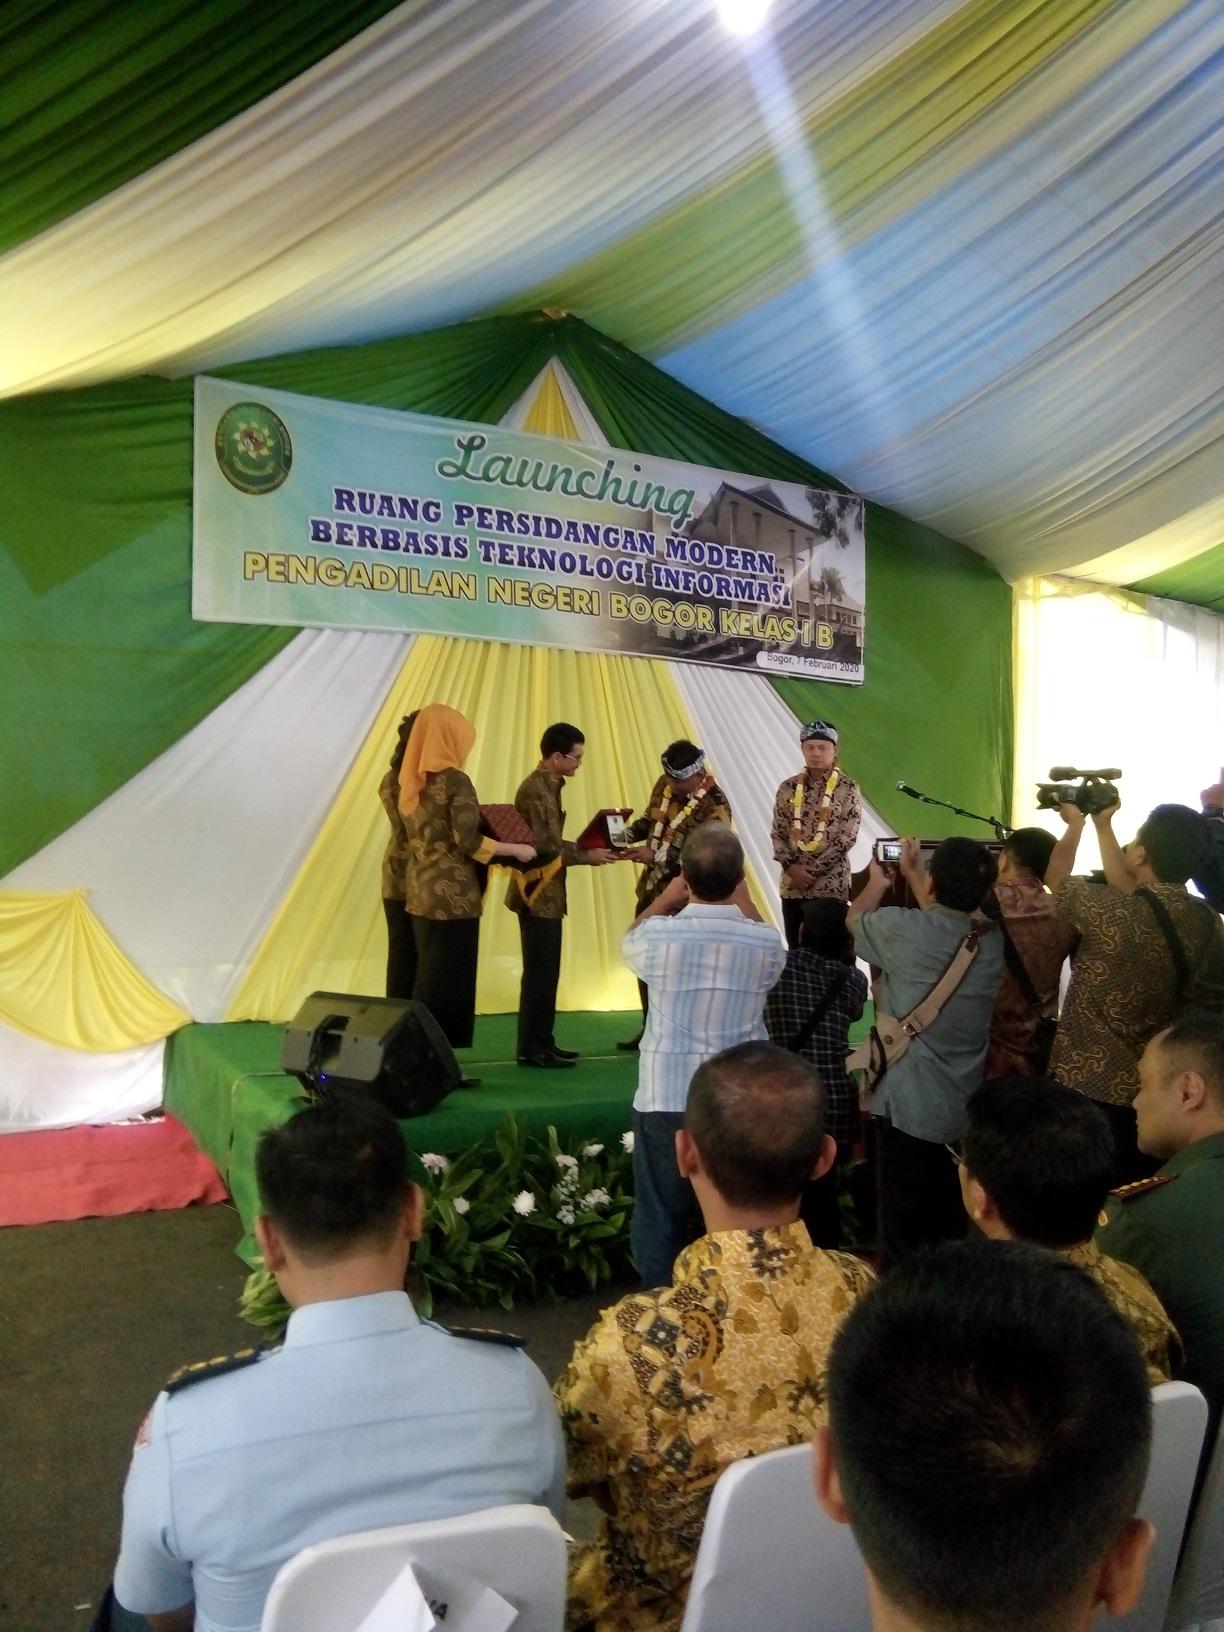 Ruang Sidang Modern Di PN Bogor : Angin Segar Bagi Penangan Perkaran KPKNL Bogor